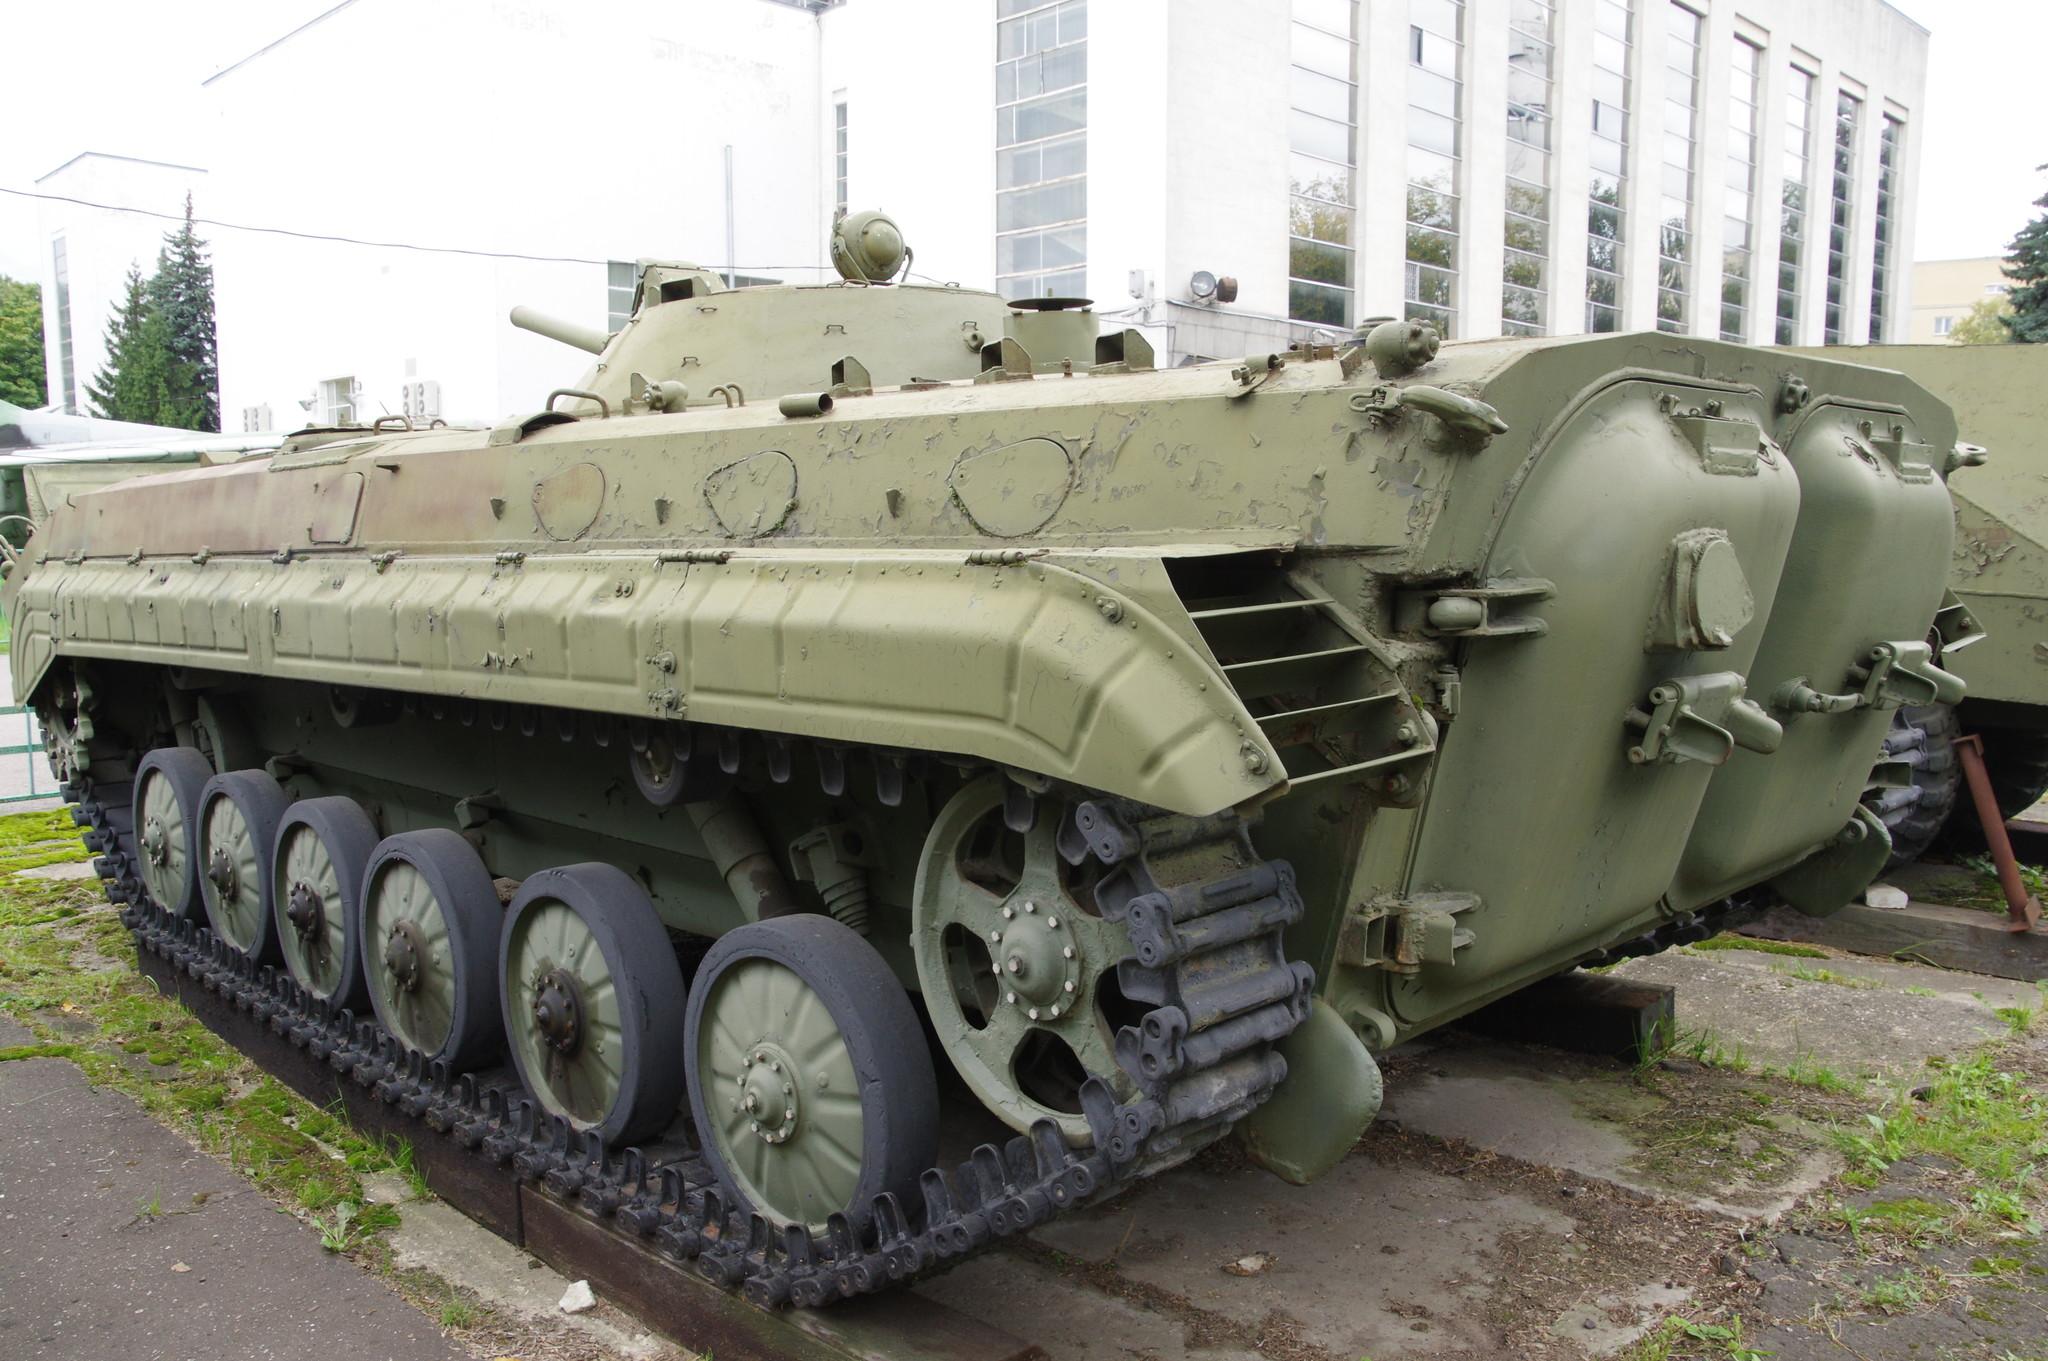 Боевая машина пехоты БМП-1 в экспозиции Центрального музея Вооружённых сил Российской Федерации